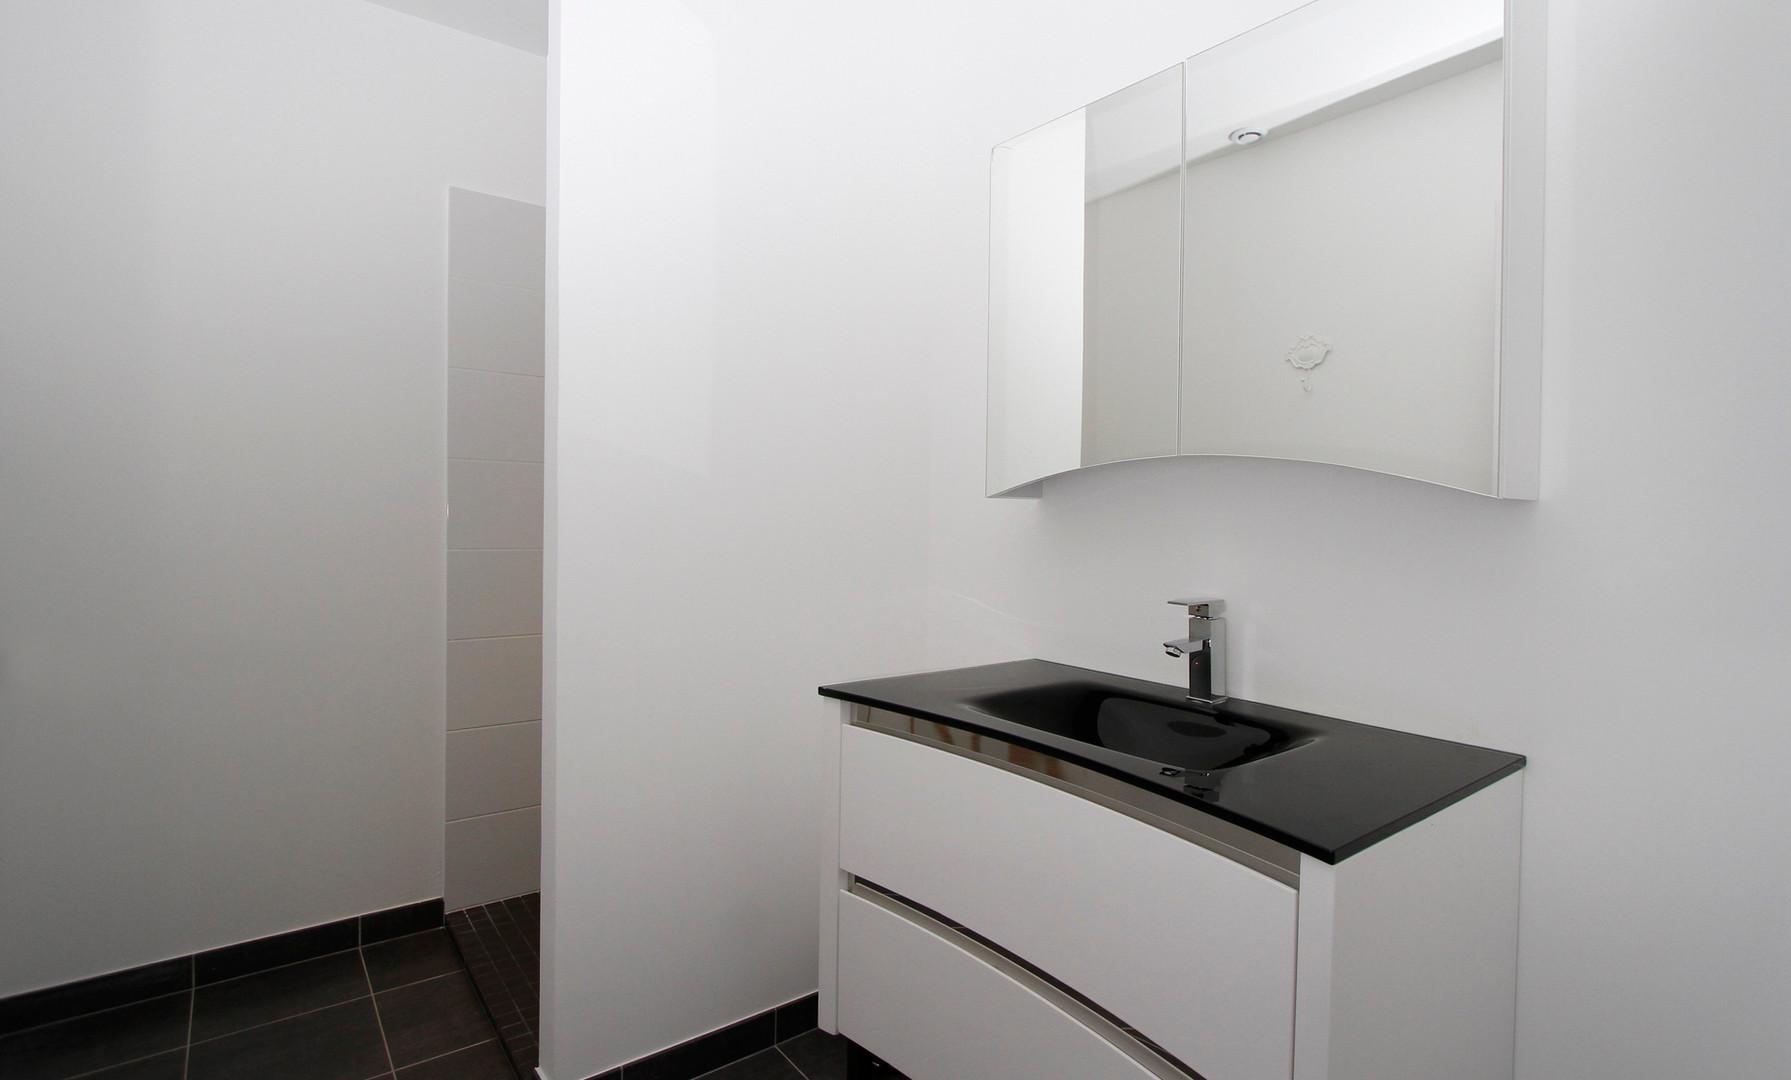 Appartement 2 chambres Home 2 salle de bain numéro 2